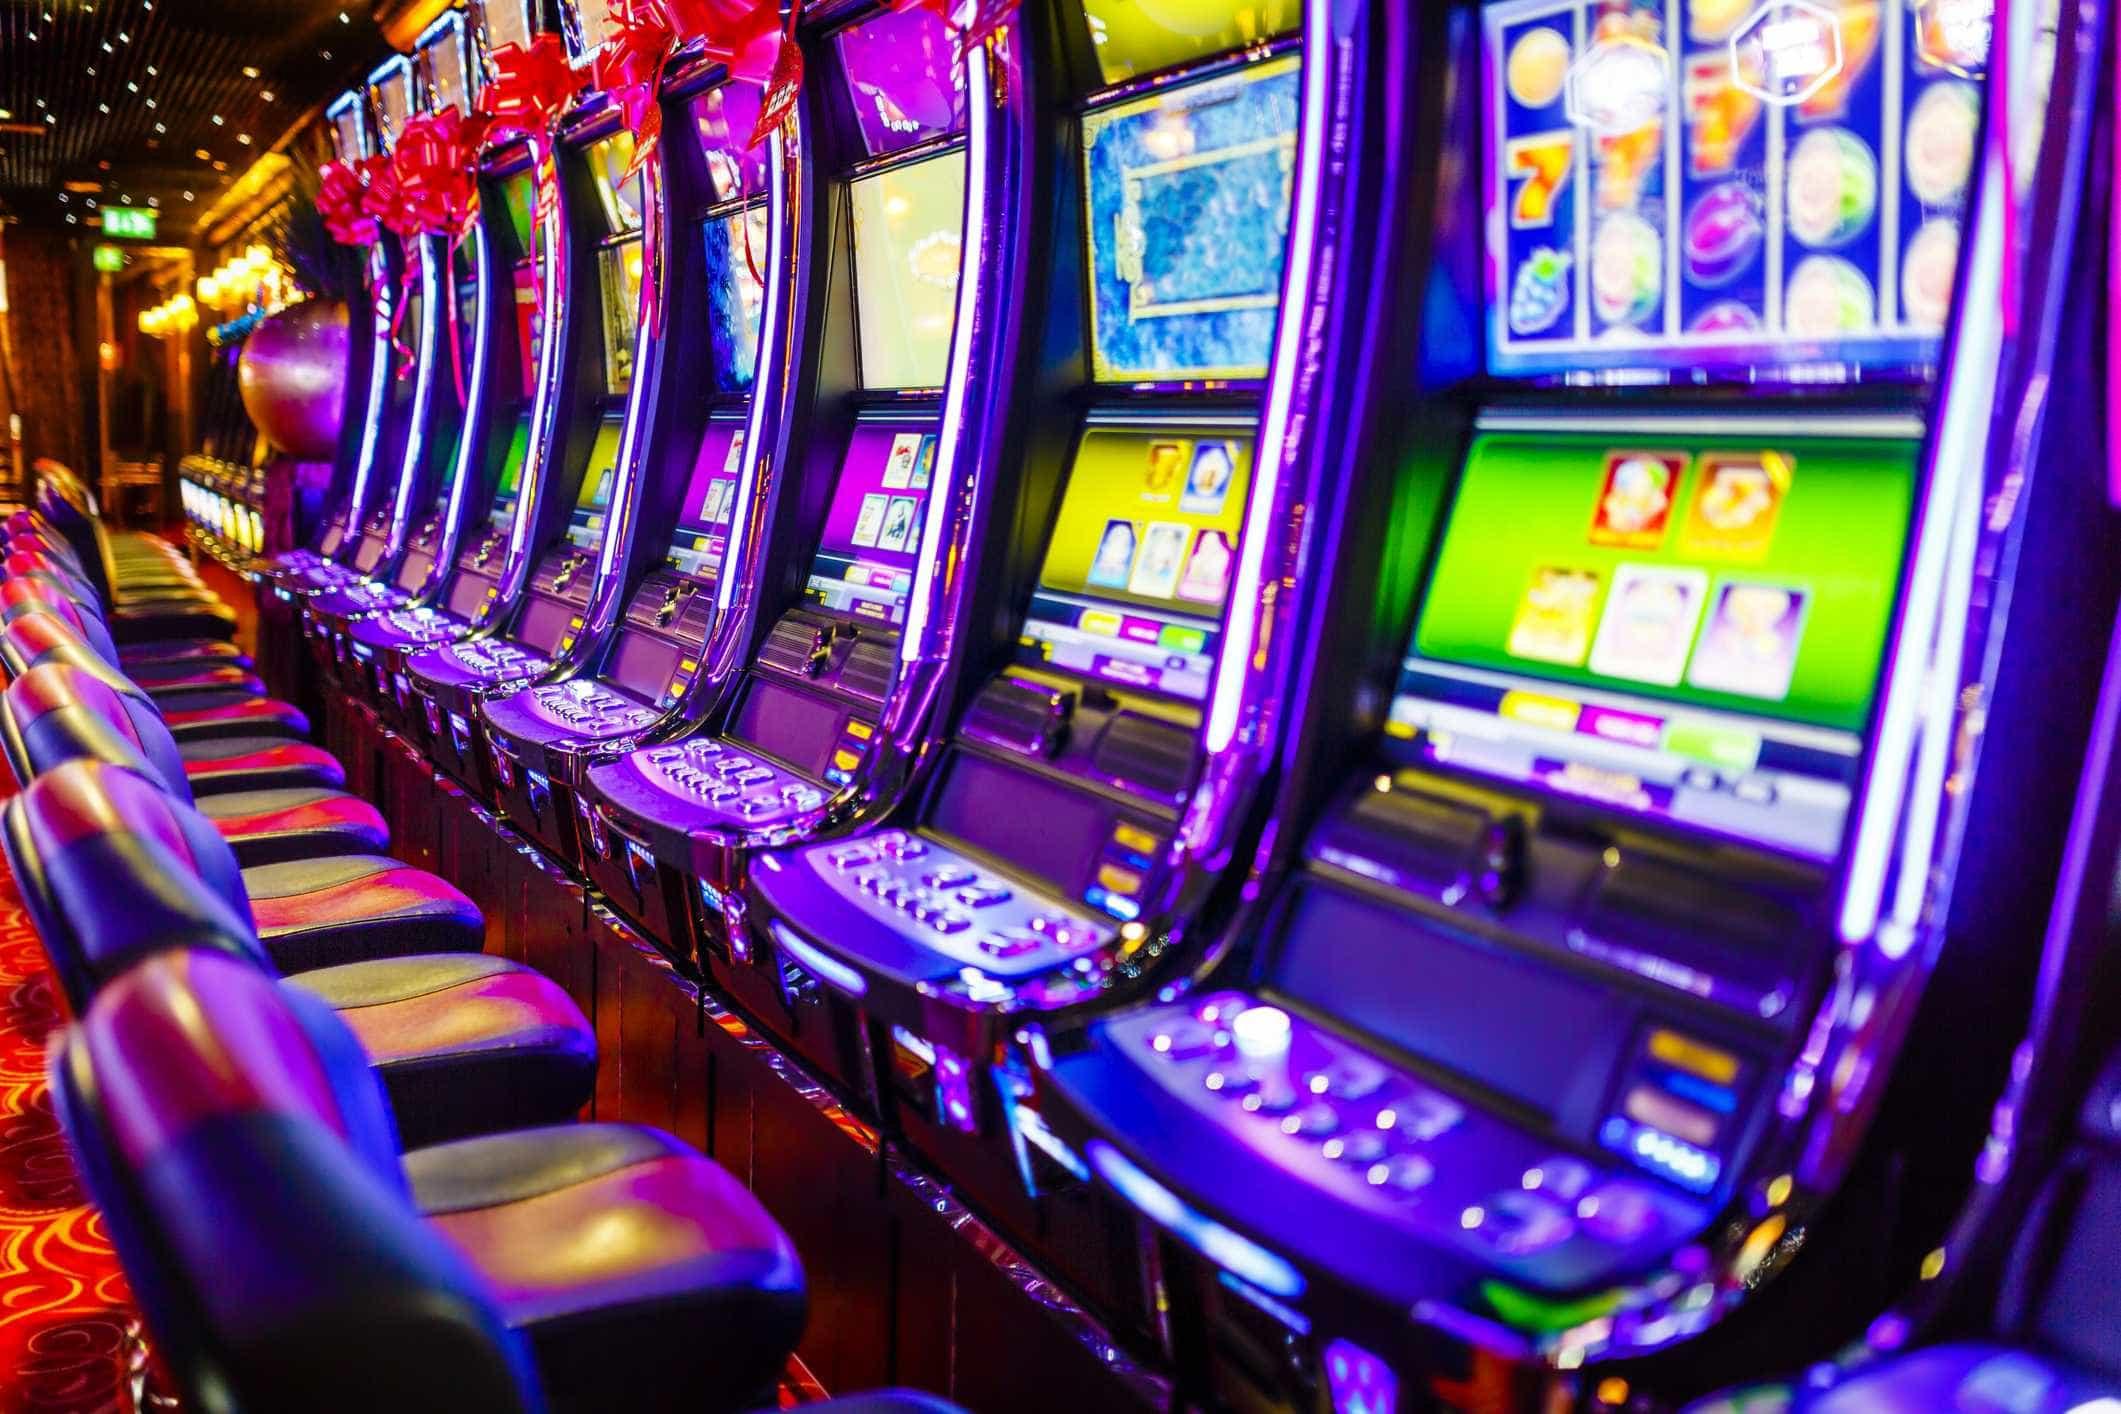 Operadora de jogo Sands China com lucros de 495 milhões no 1.º trimestre